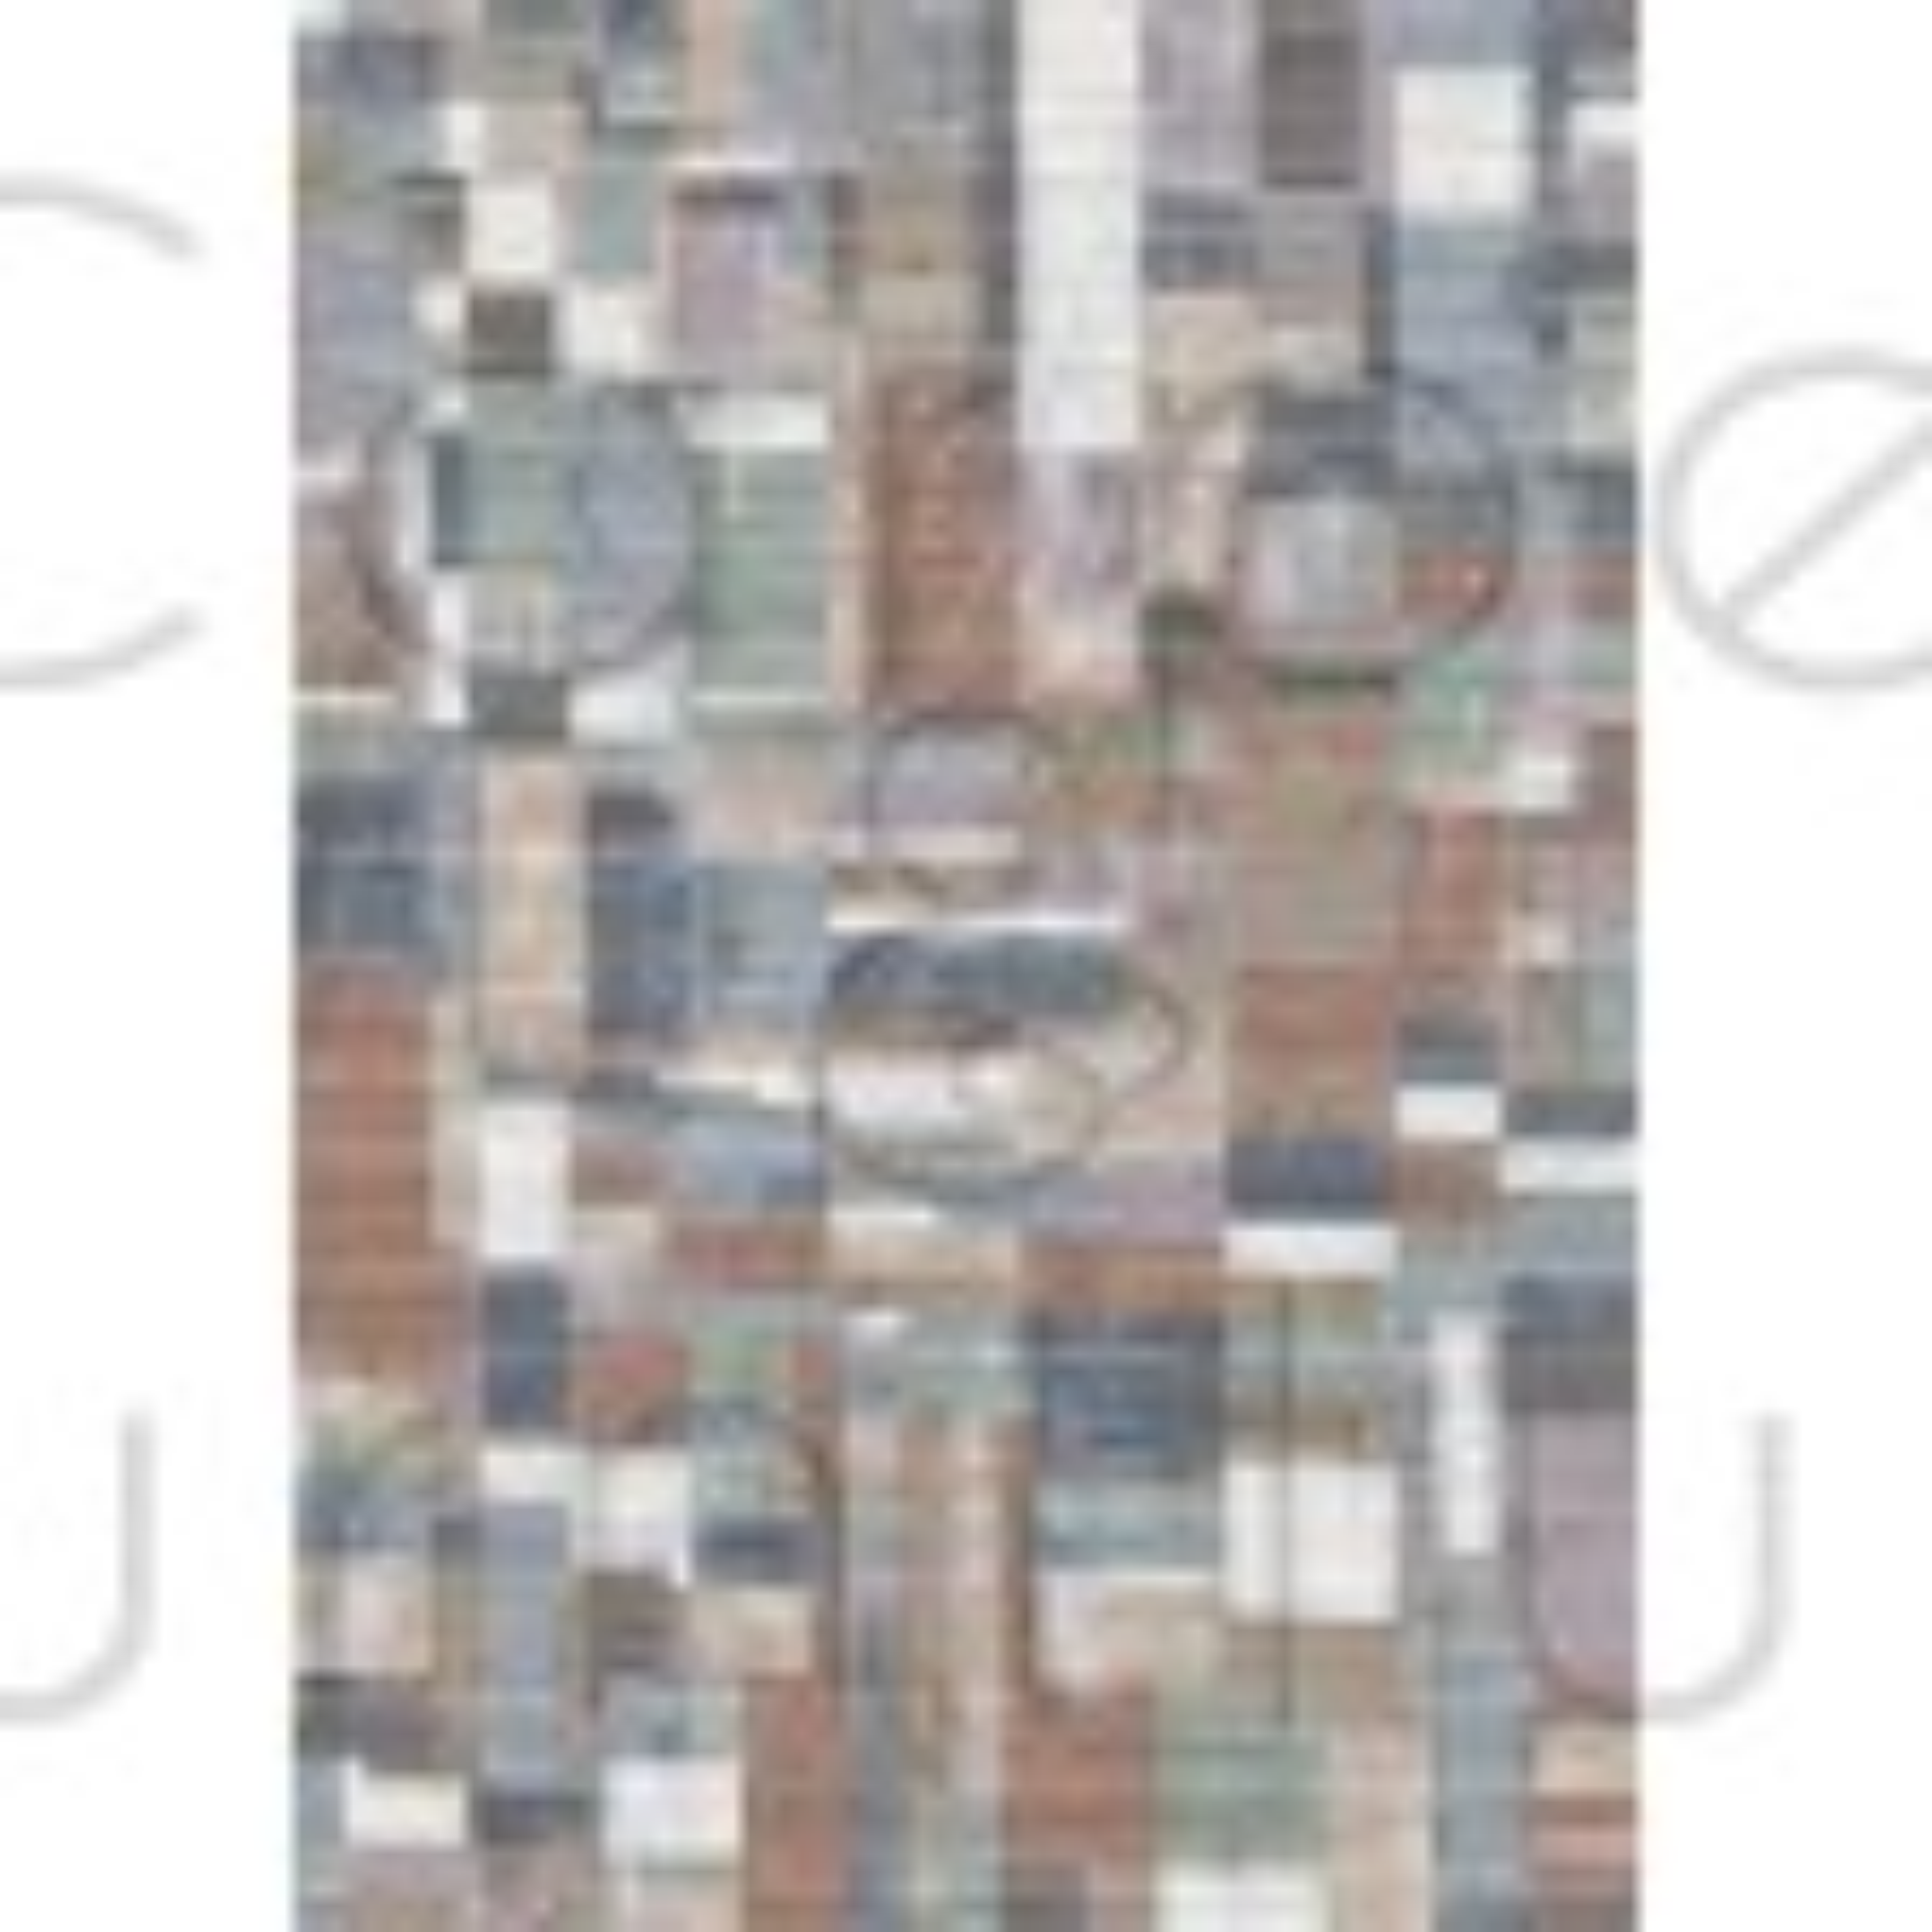 Galleria Rug - Square 63244 2626 - Size Runner 67 x 230 cm